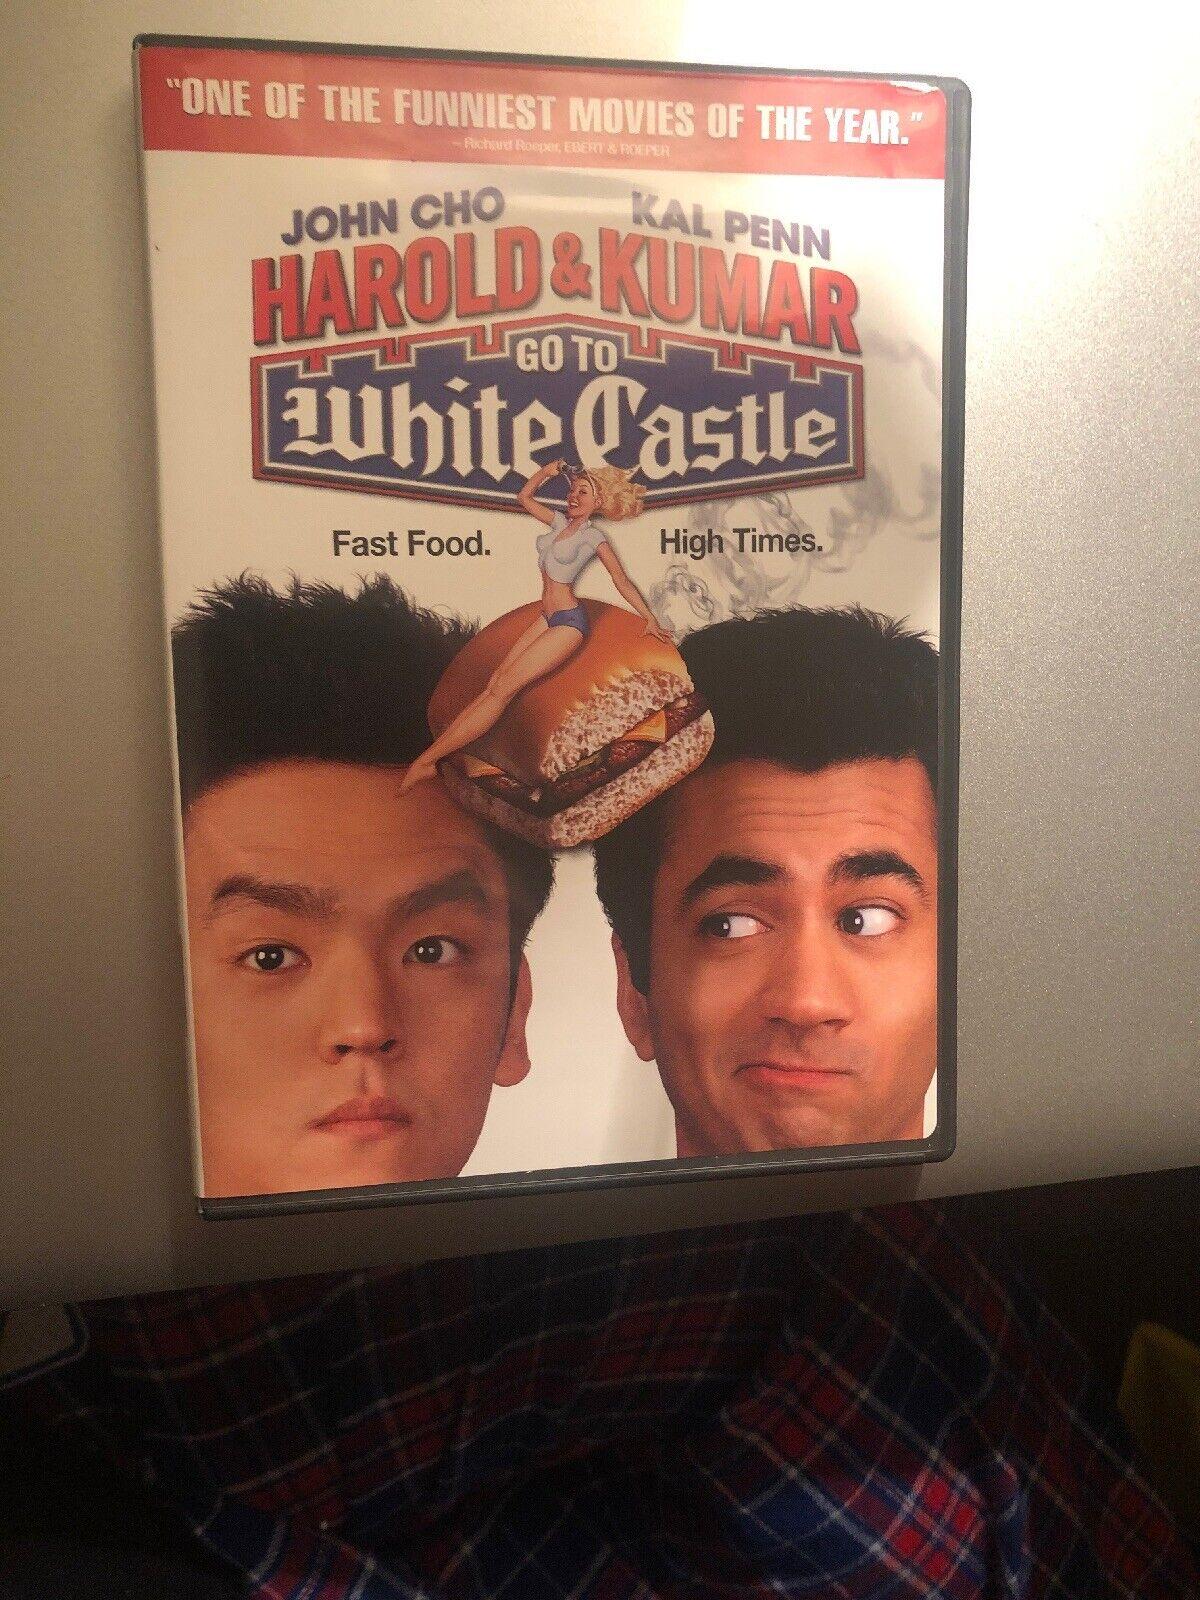 harold & kumar go to white castle full movie online free